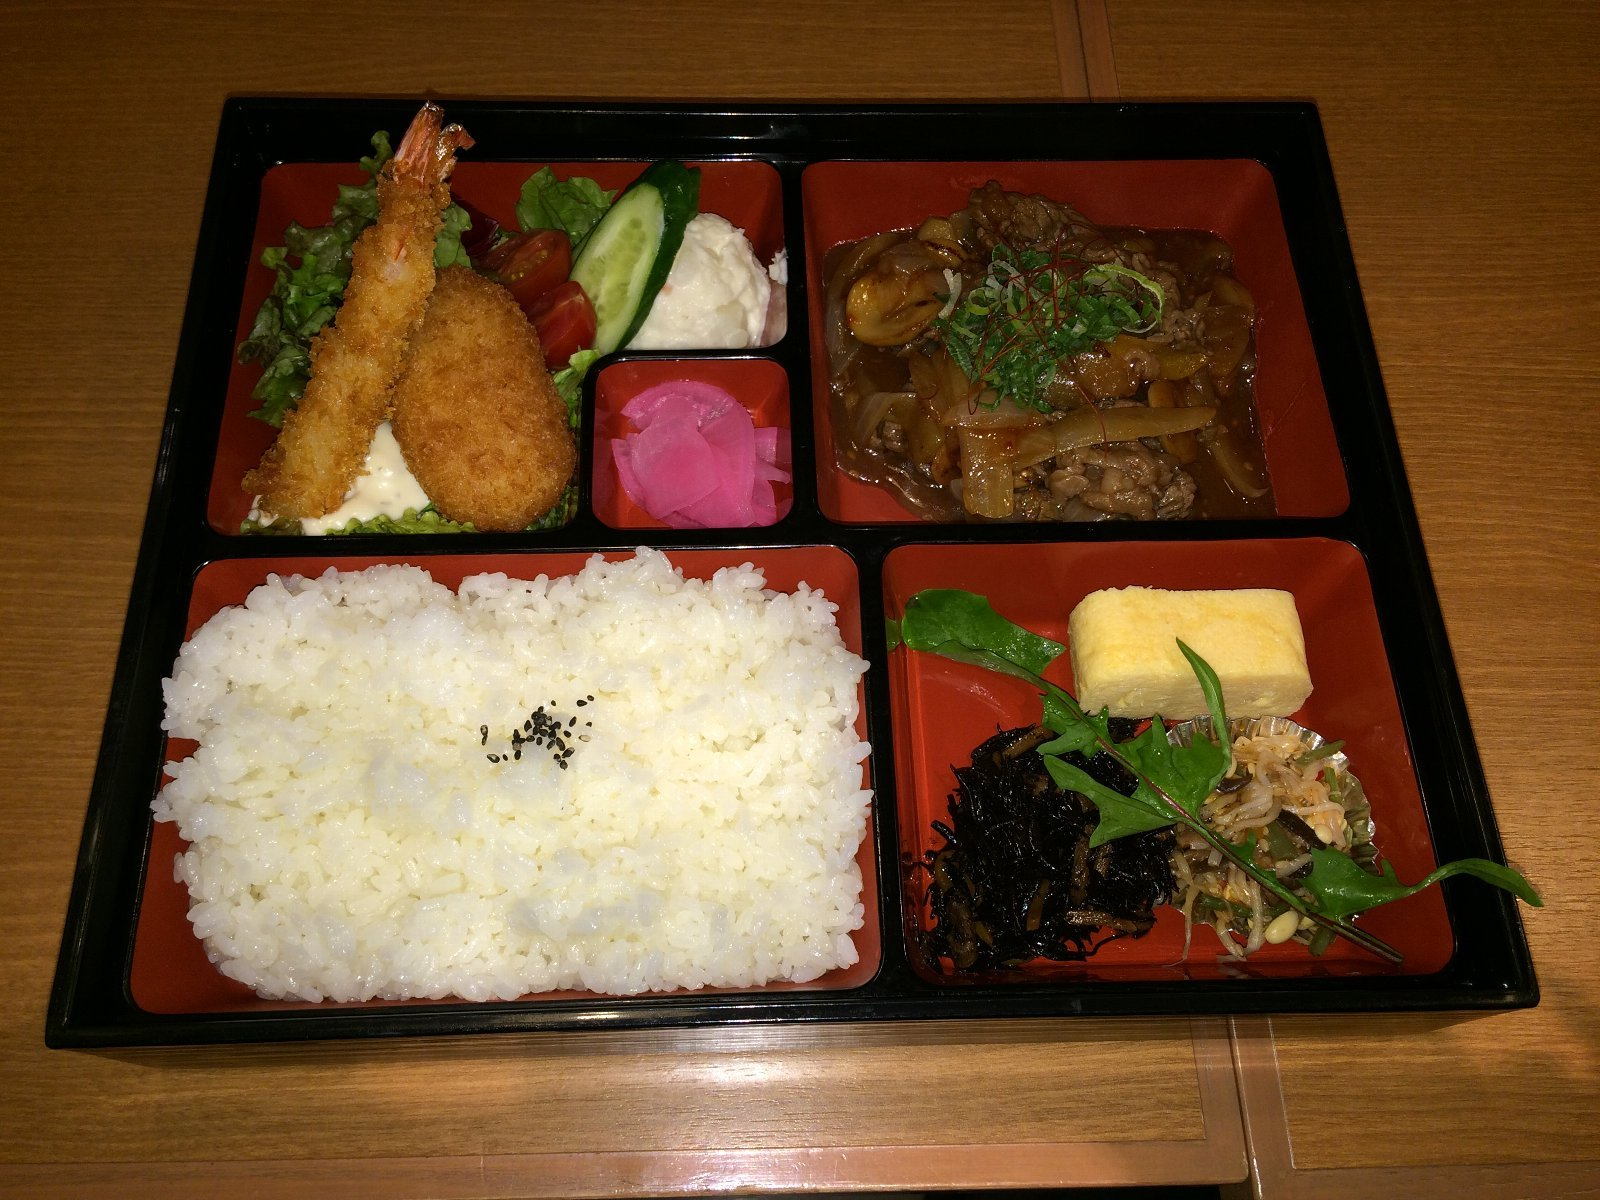 20181220_08 1900円(税別)ご飯大盛で_50円